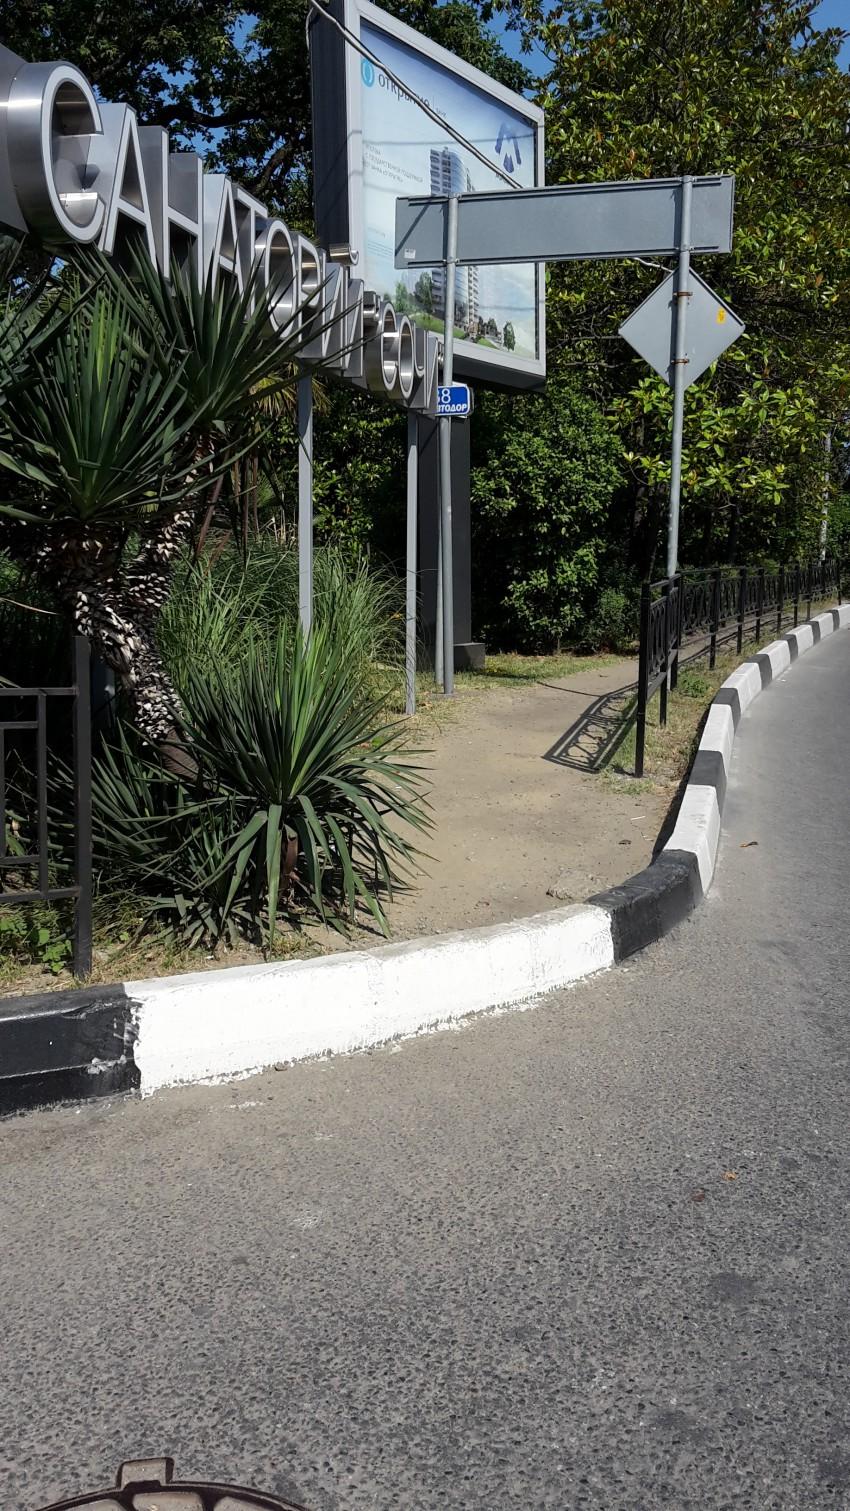 Чуть дальше по дороге тоже интересно, тротуара нет, просто земля с песком. В дождь ходить там невозможно, но и по проезжей части тоже нельзя разгуливать...